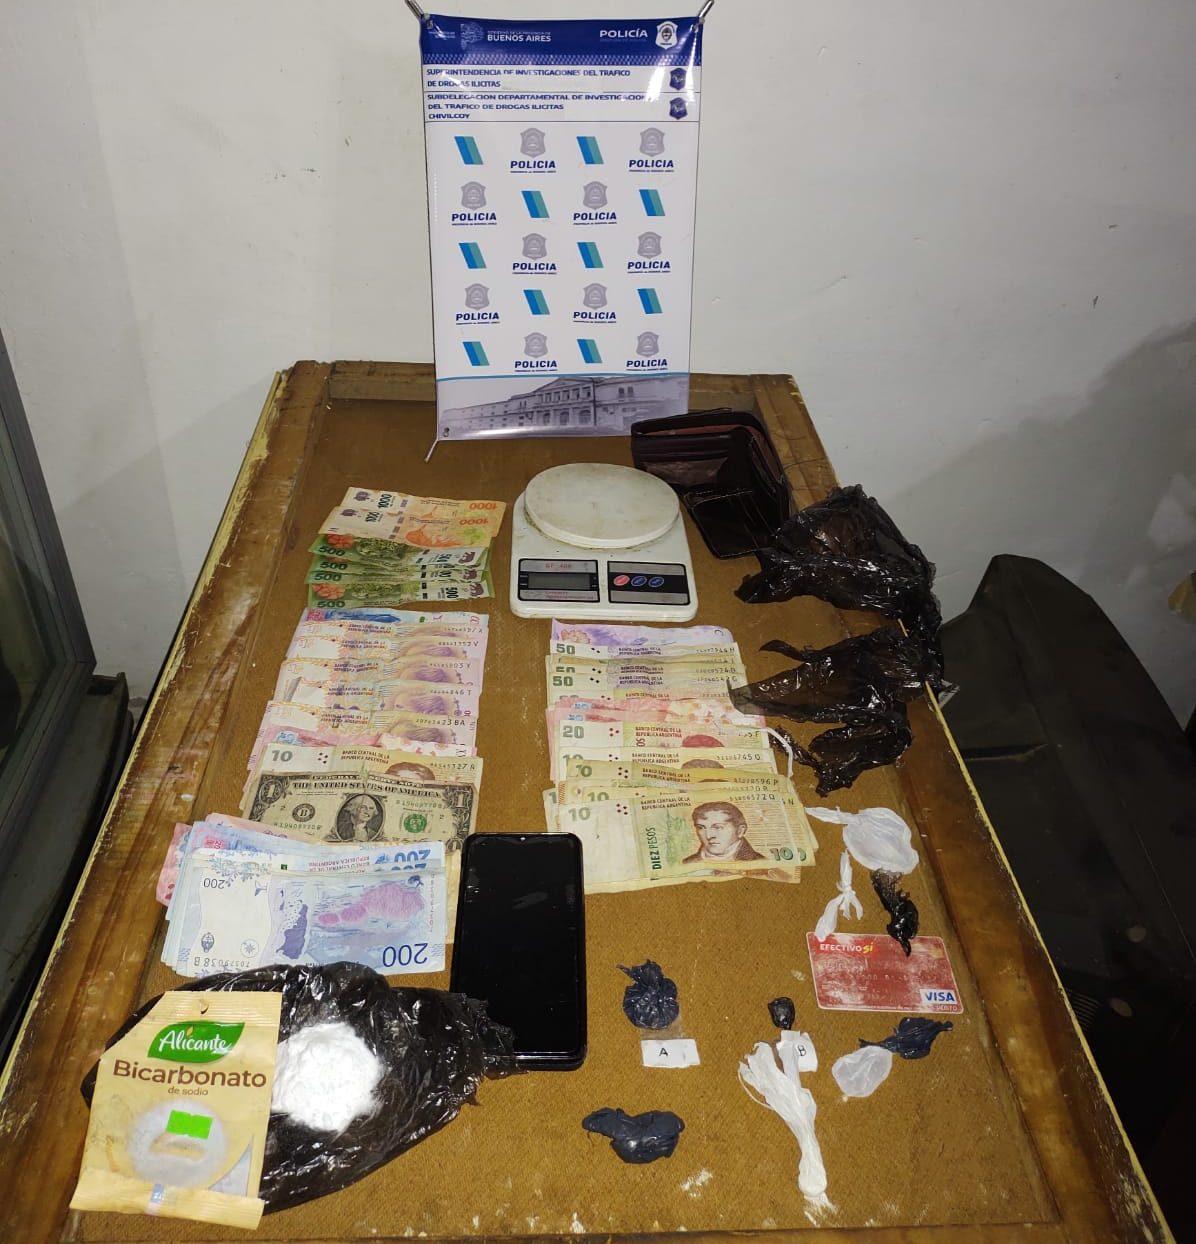 [En Bragado] Cinco allanamientos y detenciones por presunta comercialización de cocaína